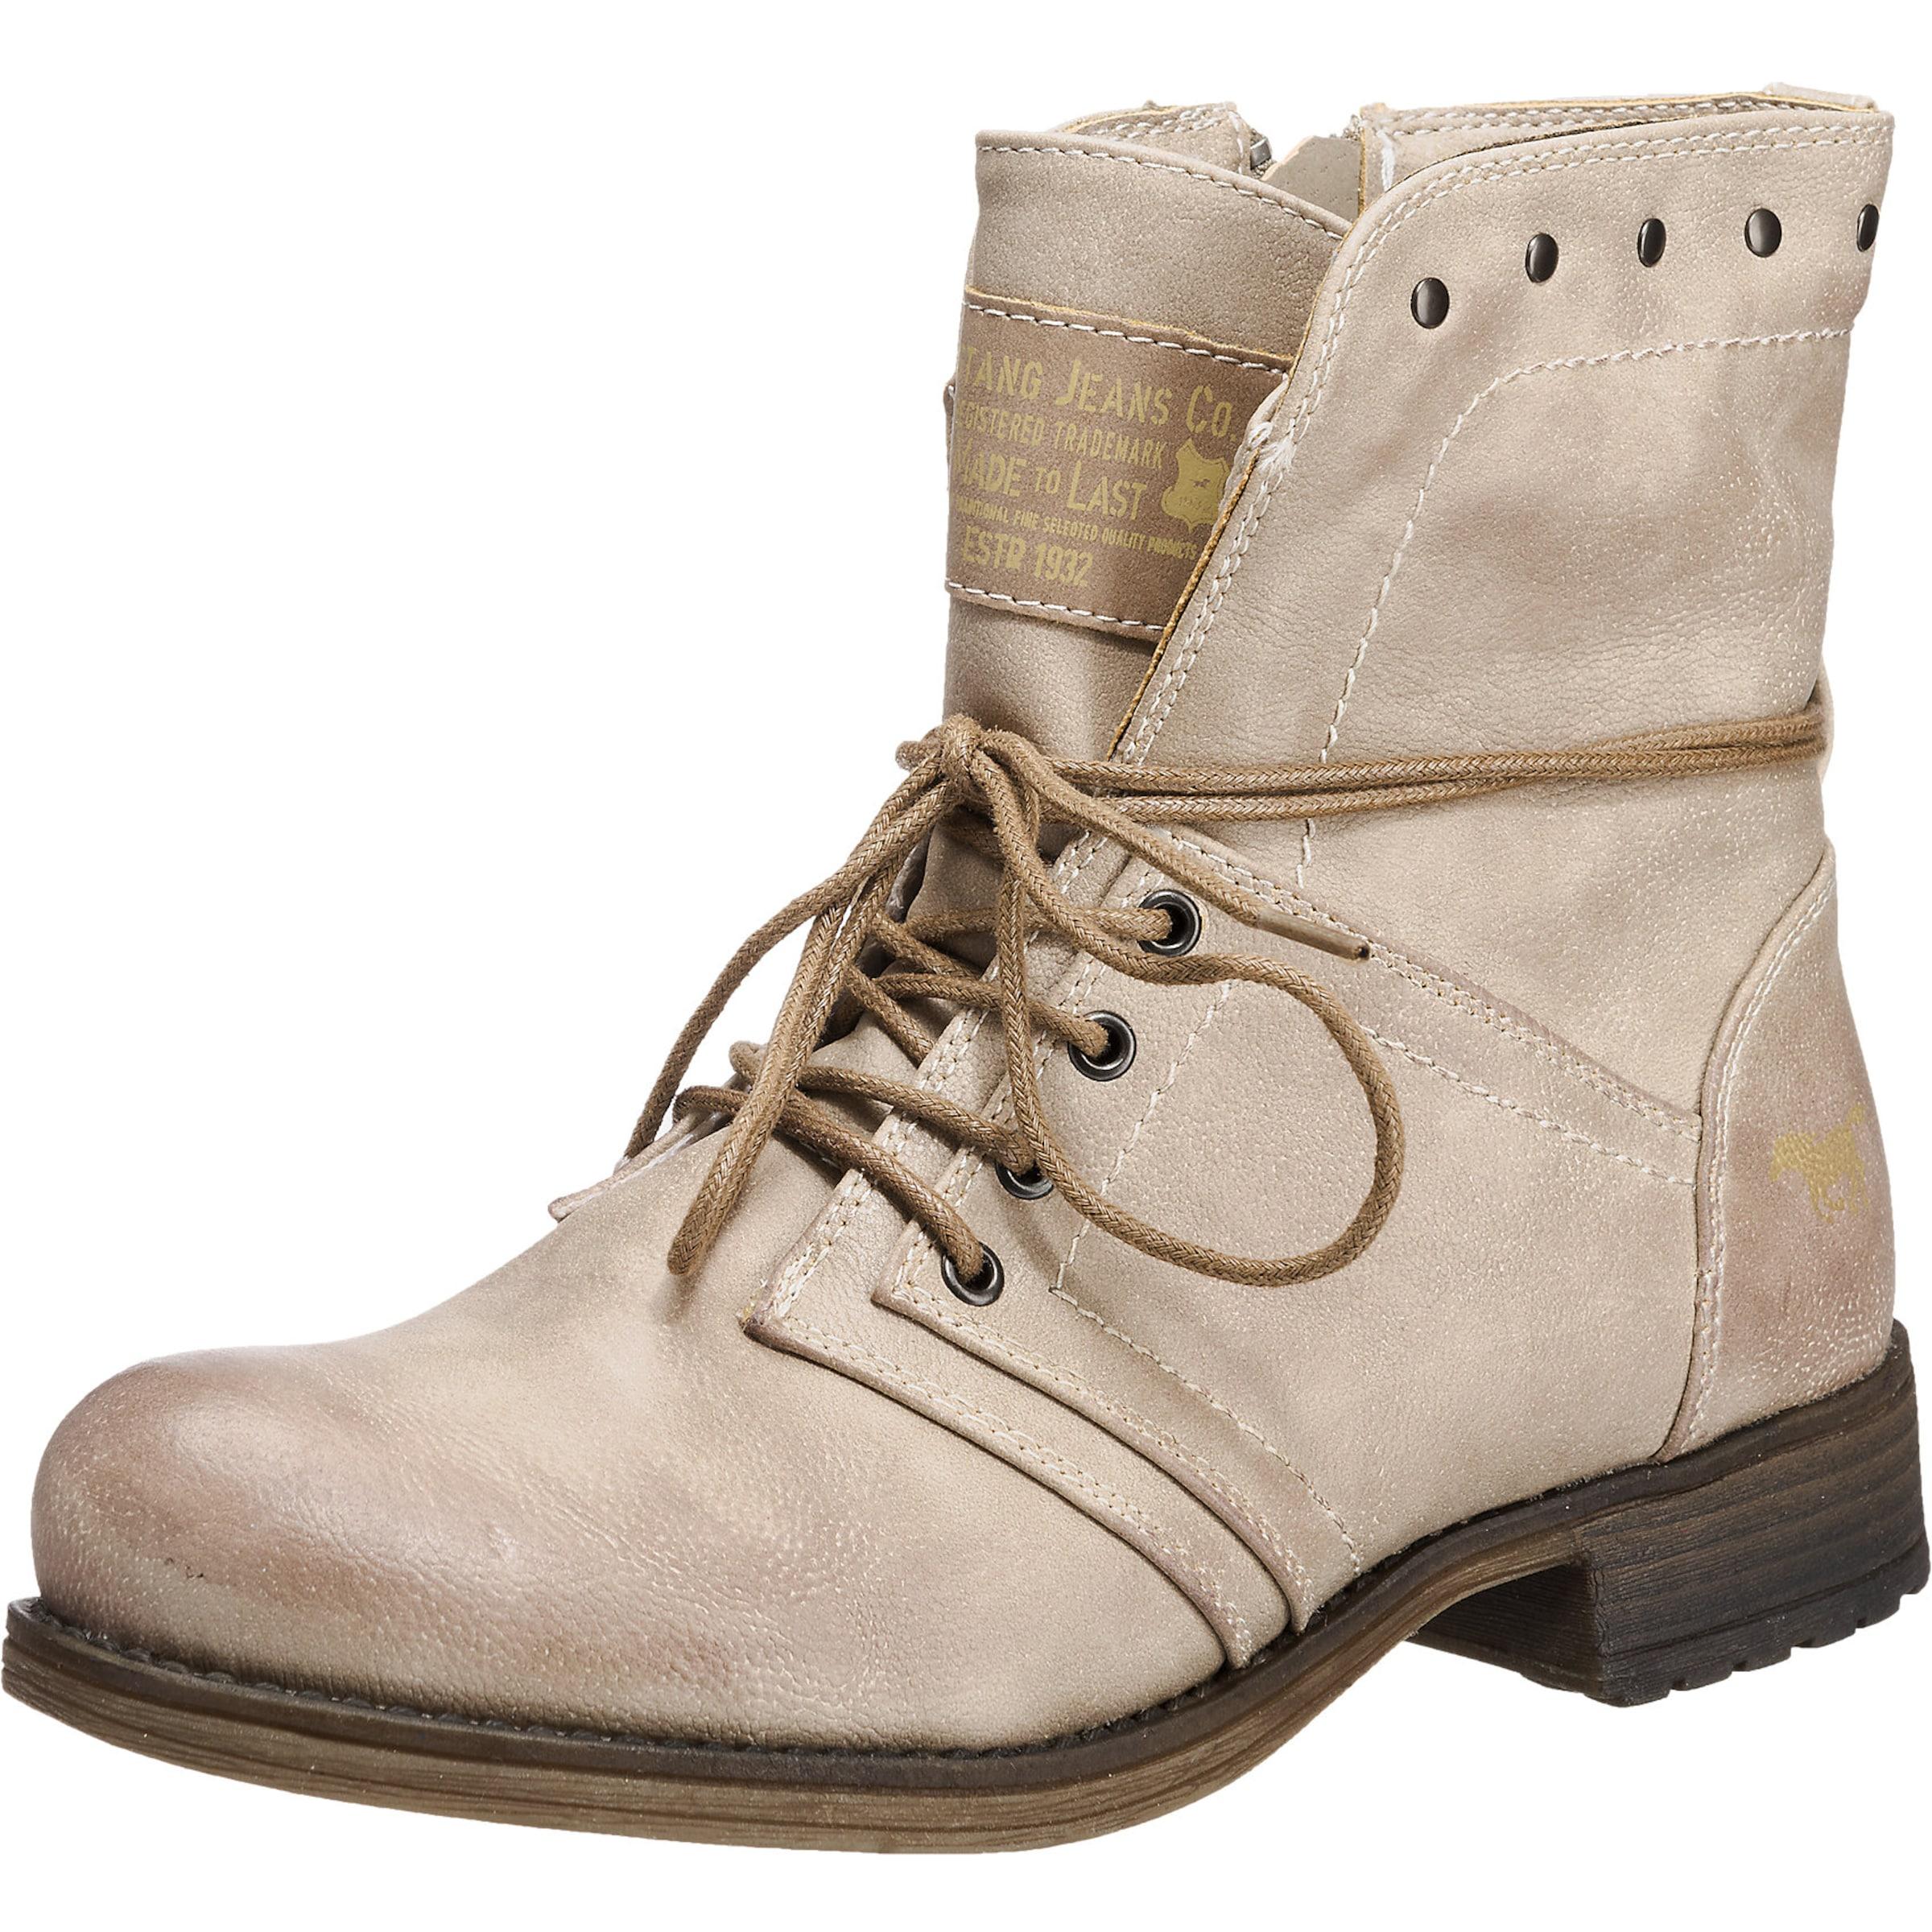 MUSTANG Schnürboots Verschleißfeste billige Schuhe Hohe Qualität